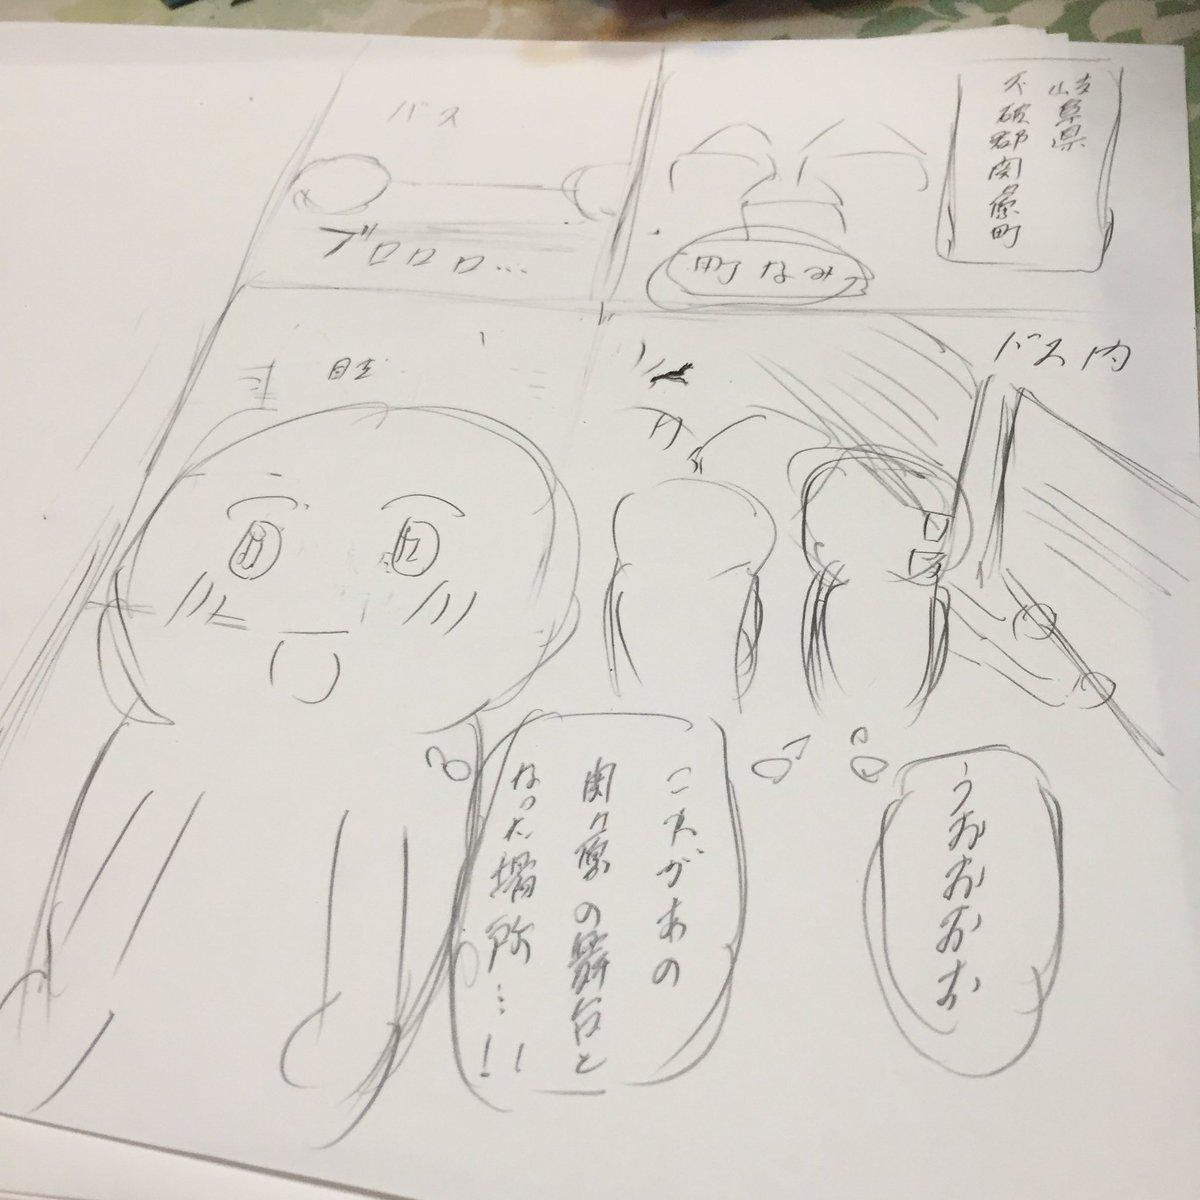 漫画原作者 hashtag on Twitter